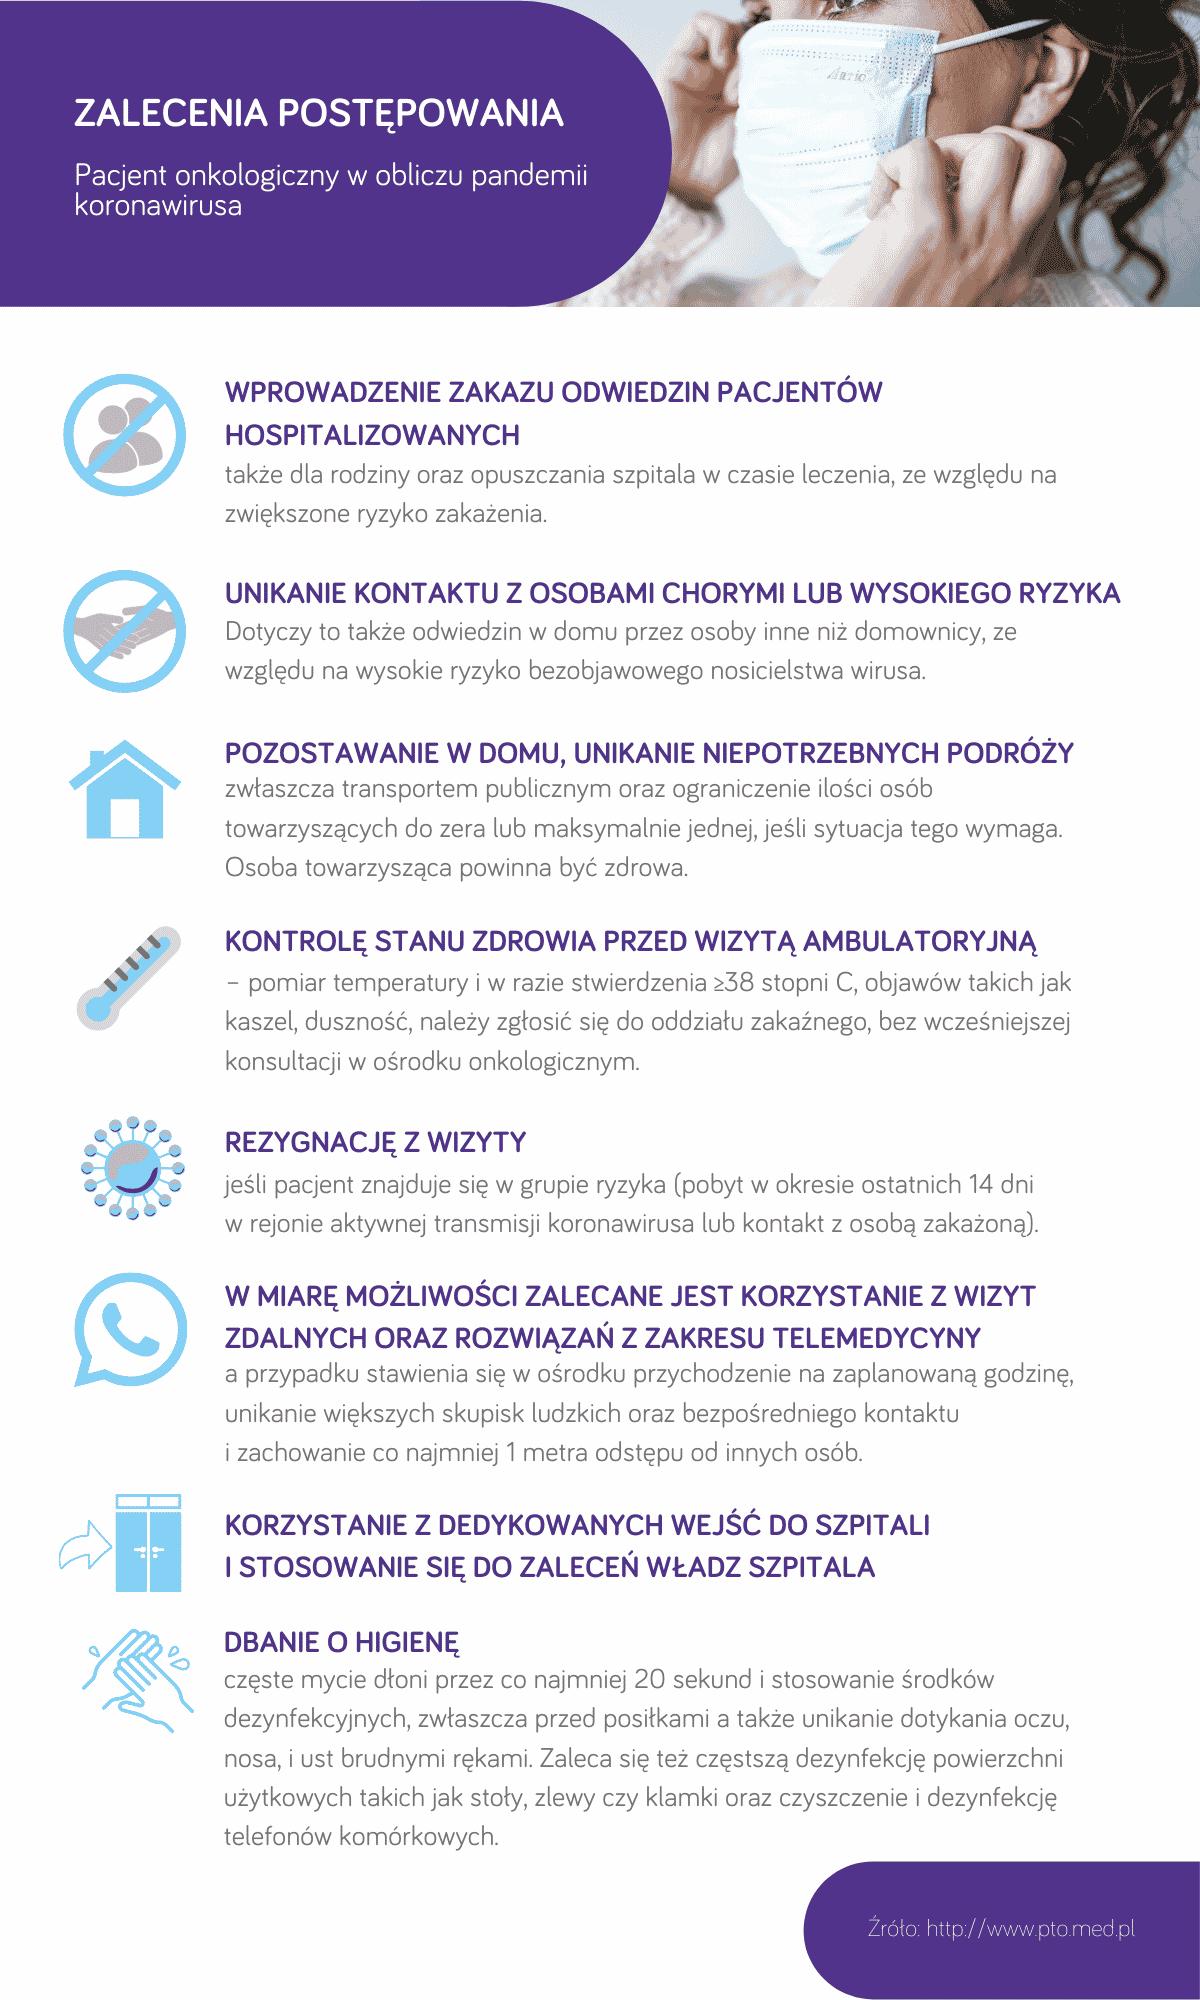 Koronawirus zalecenia dla pacjentów onkologicznych (3)